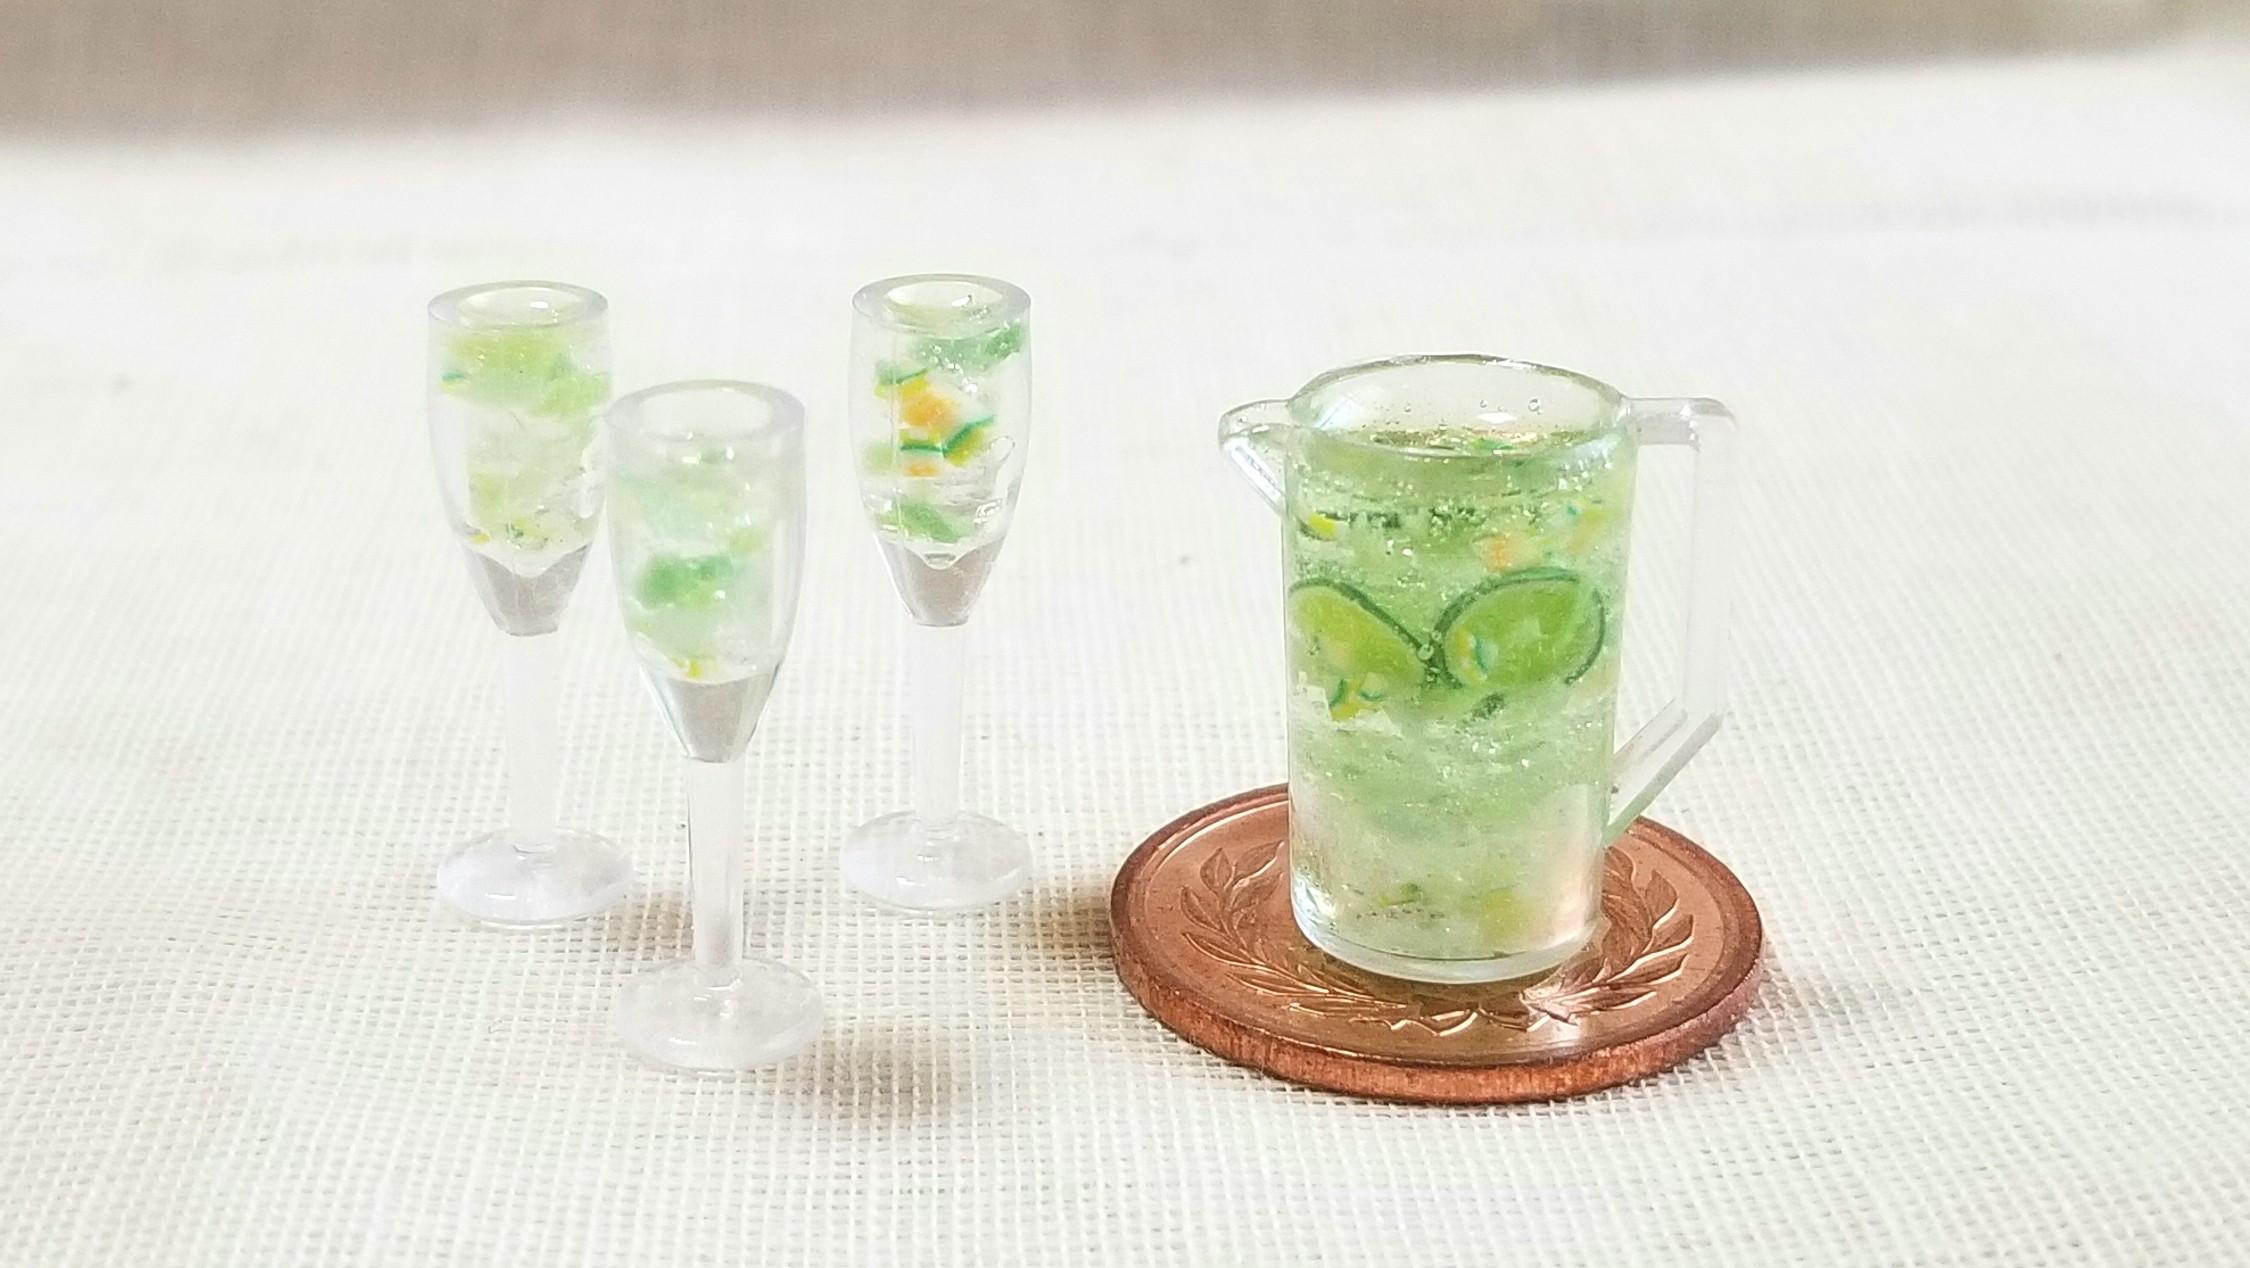 美味しいライムジュース,爽やか,ミニチュア,夏に炭酸飲料,サンプル